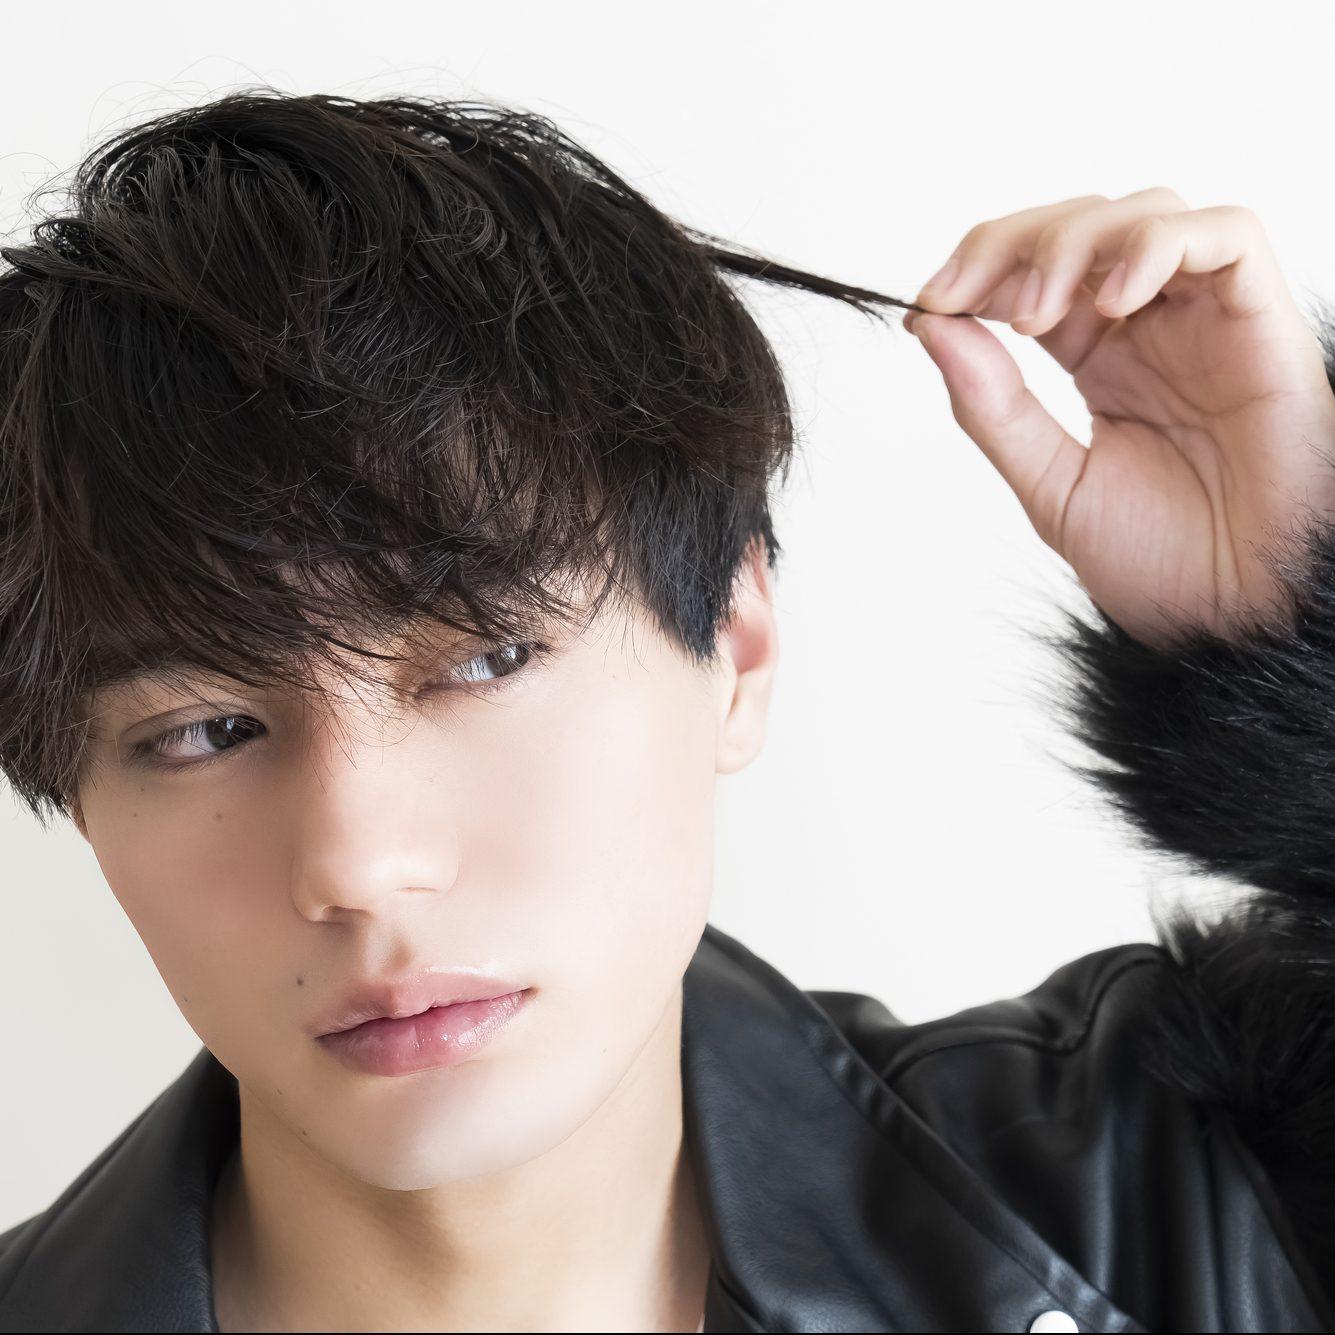 髪をセットしている男性